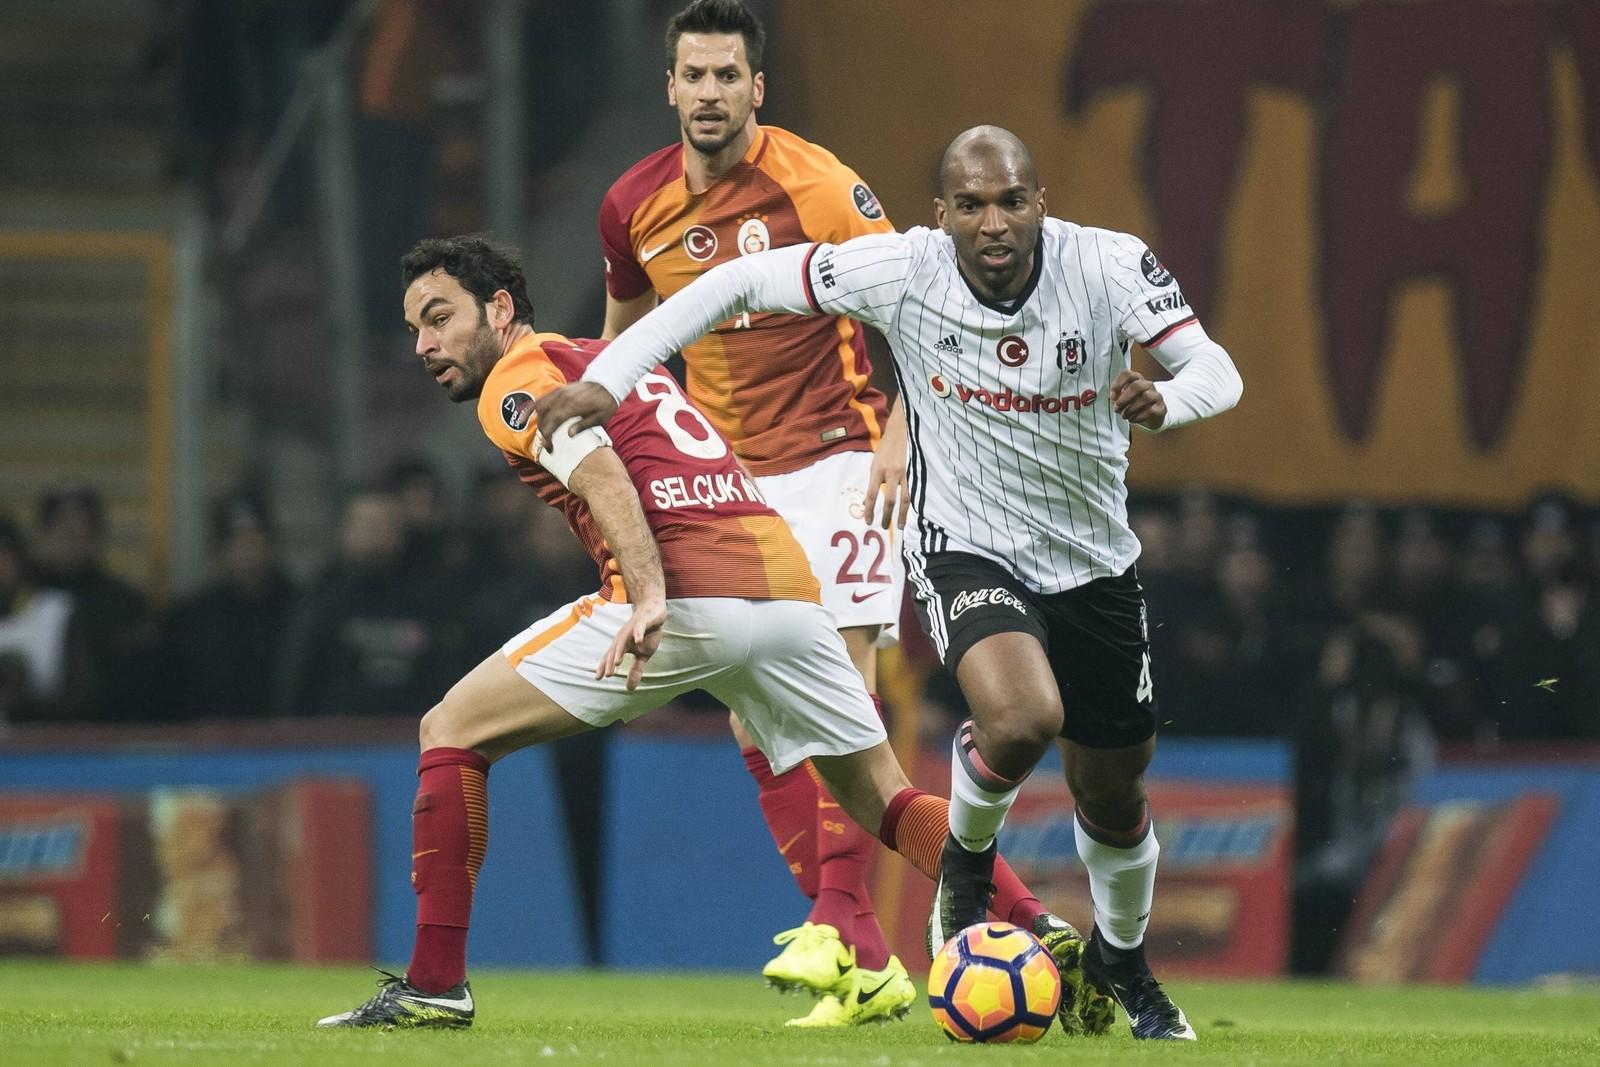 Ryan Babel läuft Selcuk Inan davon. Jetzt auf die Partie Besiktas gegen Galatasaray wetten.